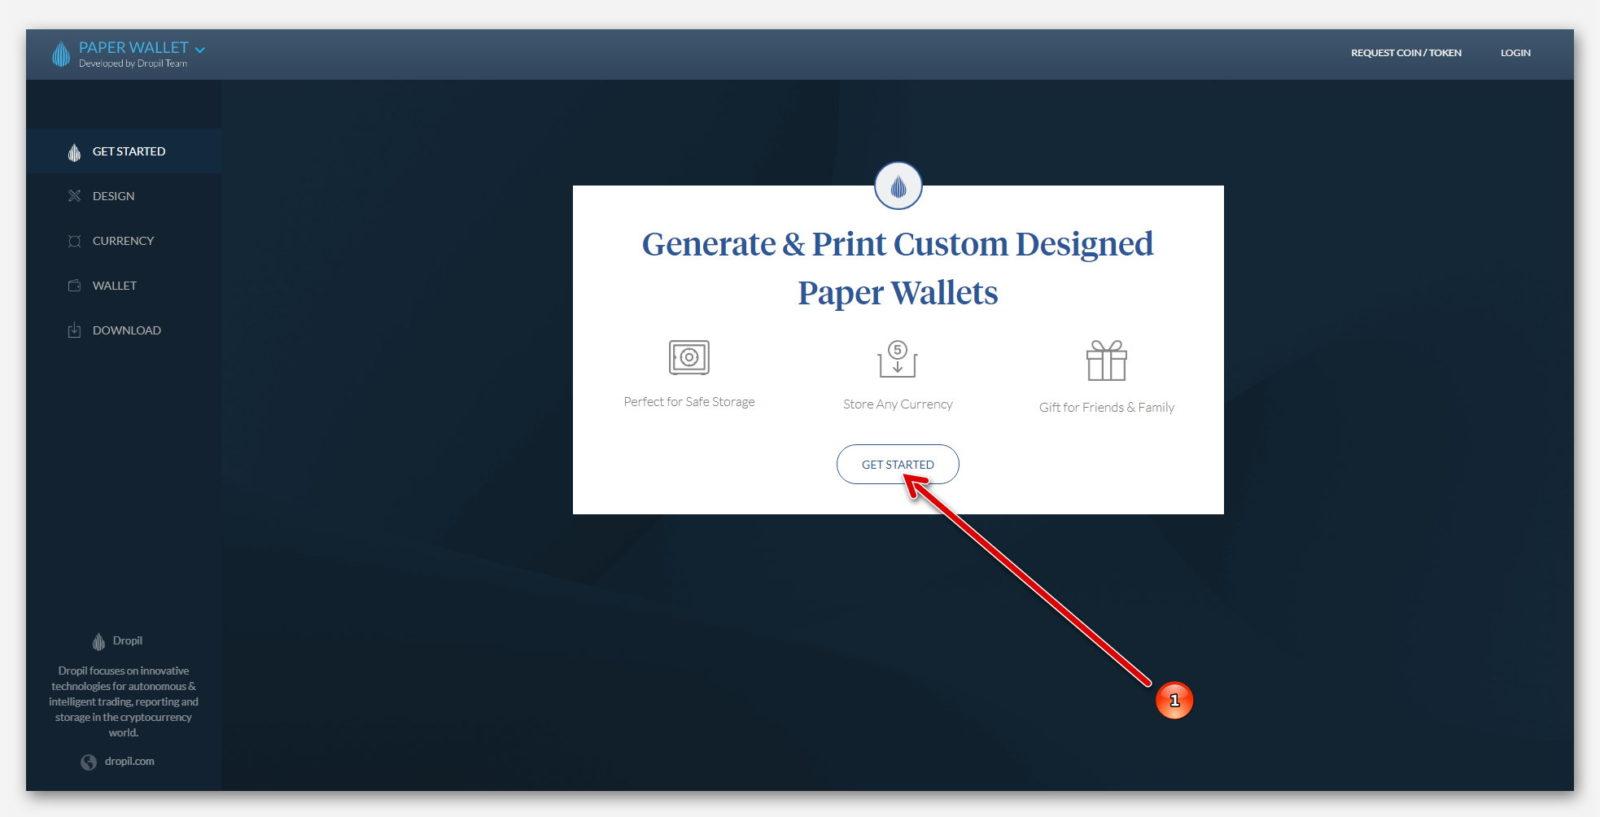 Начало создание бумажного кошелька в Paper Wallet, от компании Dropil